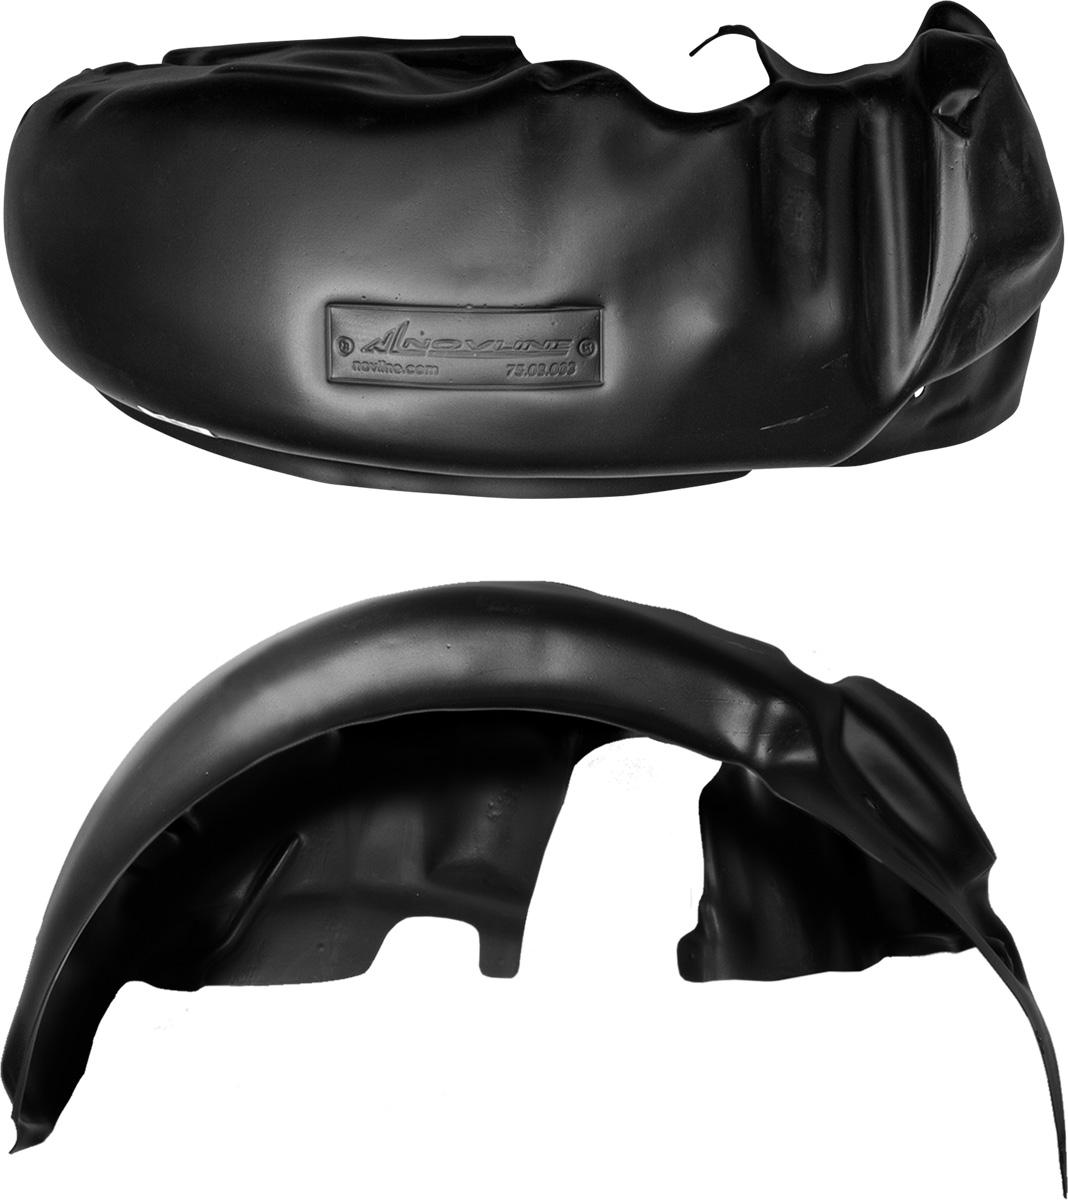 Подкрылок RENAULT Duster 4X4, 05/2015->, задний правыйNLL.41.41.004Колесные ниши – одни из самых уязвимых зон днища вашего автомобиля. Они постоянно подвергаются воздействию со стороны дороги. Лучшая, почти абсолютная защита для них - специально отформованные пластиковые кожухи, которые называются подкрылками, или локерами. Производятся они как для отечественных моделей автомобилей, так и для иномарок. Подкрылки выполнены из высококачественного, экологически чистого пластика. Обеспечивают надежную защиту кузова автомобиля от пескоструйного эффекта и негативного влияния, агрессивных антигололедных реагентов. Пластик обладает более низкой теплопроводностью, чем металл, поэтому в зимний период эксплуатации использование пластиковых подкрылков позволяет лучше защитить колесные ниши от налипания снега и образования наледи. Оригинальность конструкции подчеркивает элегантность автомобиля, бережно защищает нанесенное на днище кузова антикоррозийное покрытие и позволяет осуществить крепление подкрылков внутри колесной арки практически без дополнительного крепежа и сверления, не нарушая при этом лакокрасочного покрытия, что предотвращает возникновение новых очагов коррозии. Технология крепления подкрылков на иномарки принципиально отличается от крепления на российские автомобили и разрабатывается индивидуально для каждой модели автомобиля. Подкрылки долговечны, обладают высокой прочностью и сохраняют заданную форму, а также все свои физико-механические характеристики в самых тяжелых климатических условиях ( от -50° С до + 50° С).